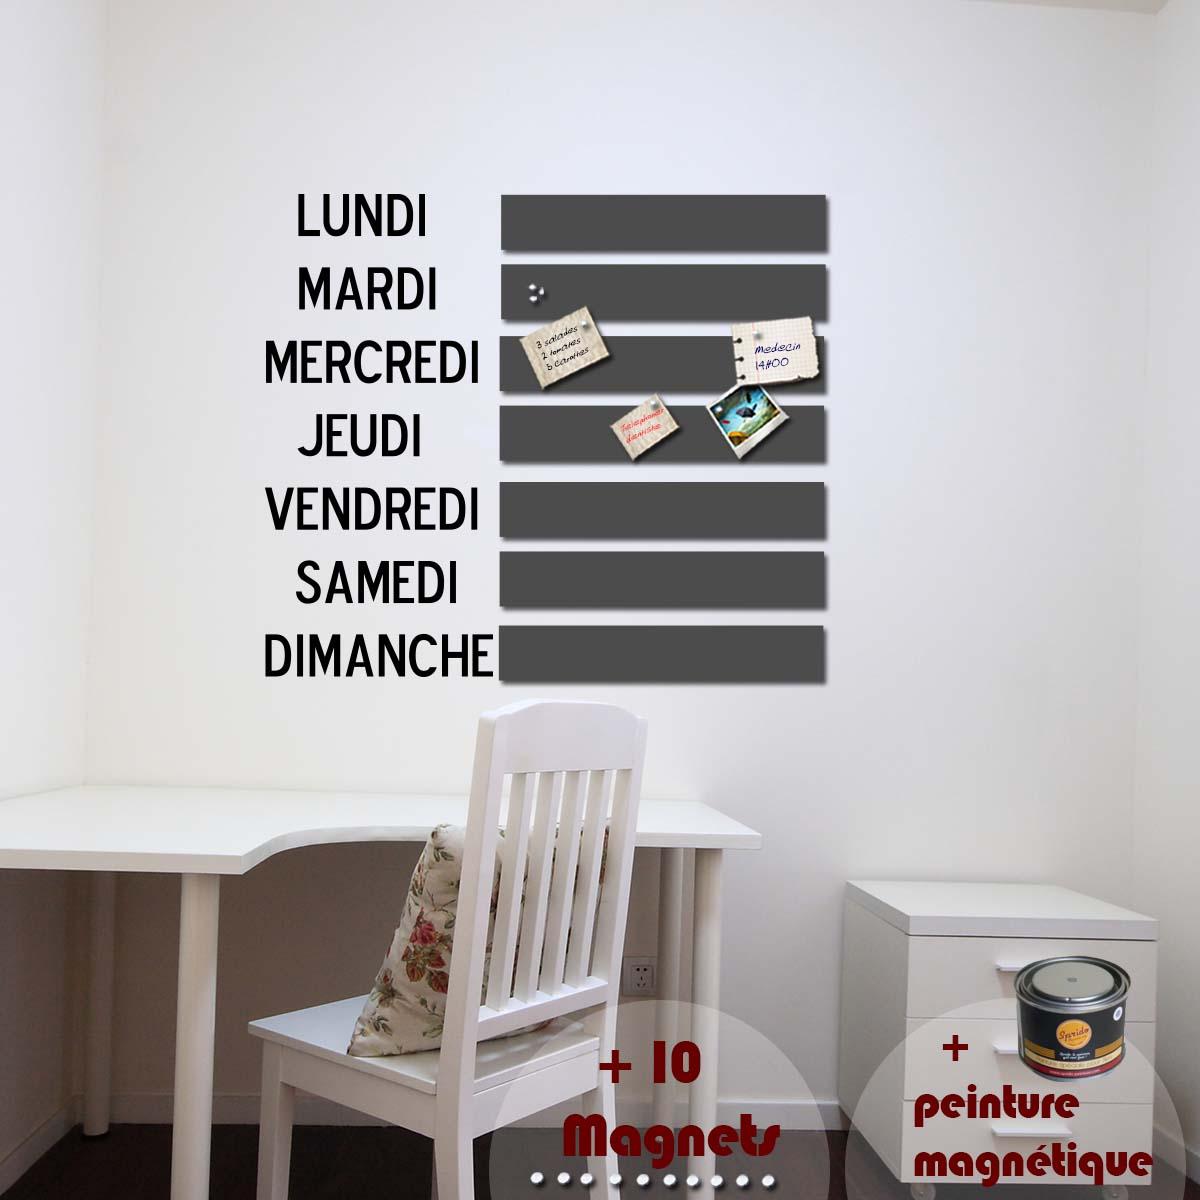 papier peint magn tique peinture magn tique avec sticker jours ambiance. Black Bedroom Furniture Sets. Home Design Ideas